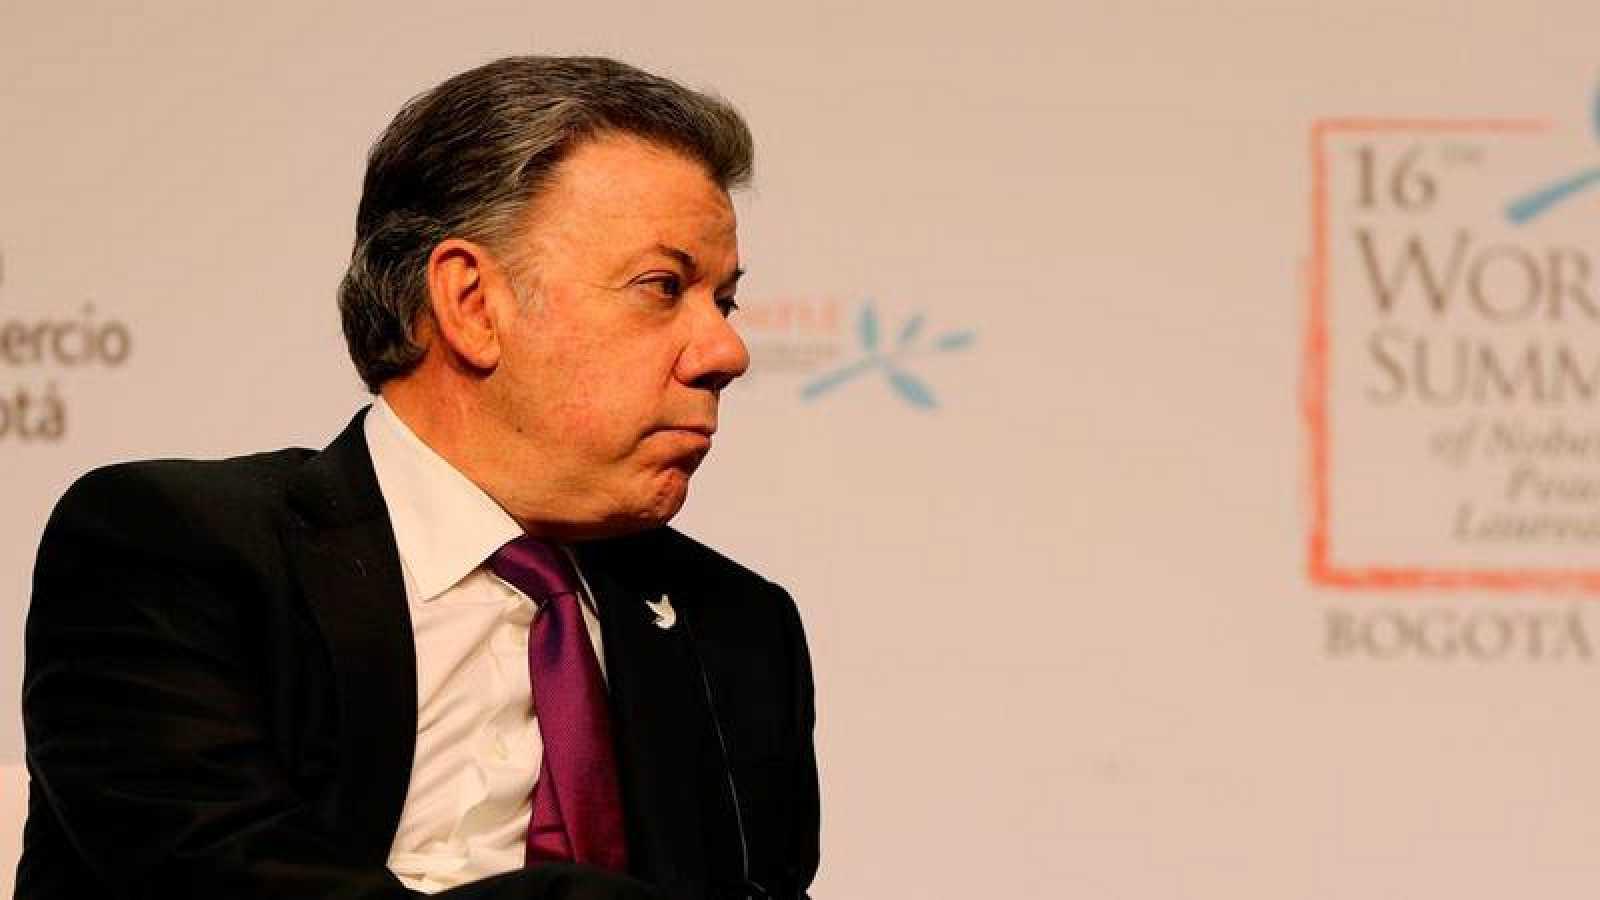 El presidente de Colombia, Juan Manuel Santos, durante un acto reciente